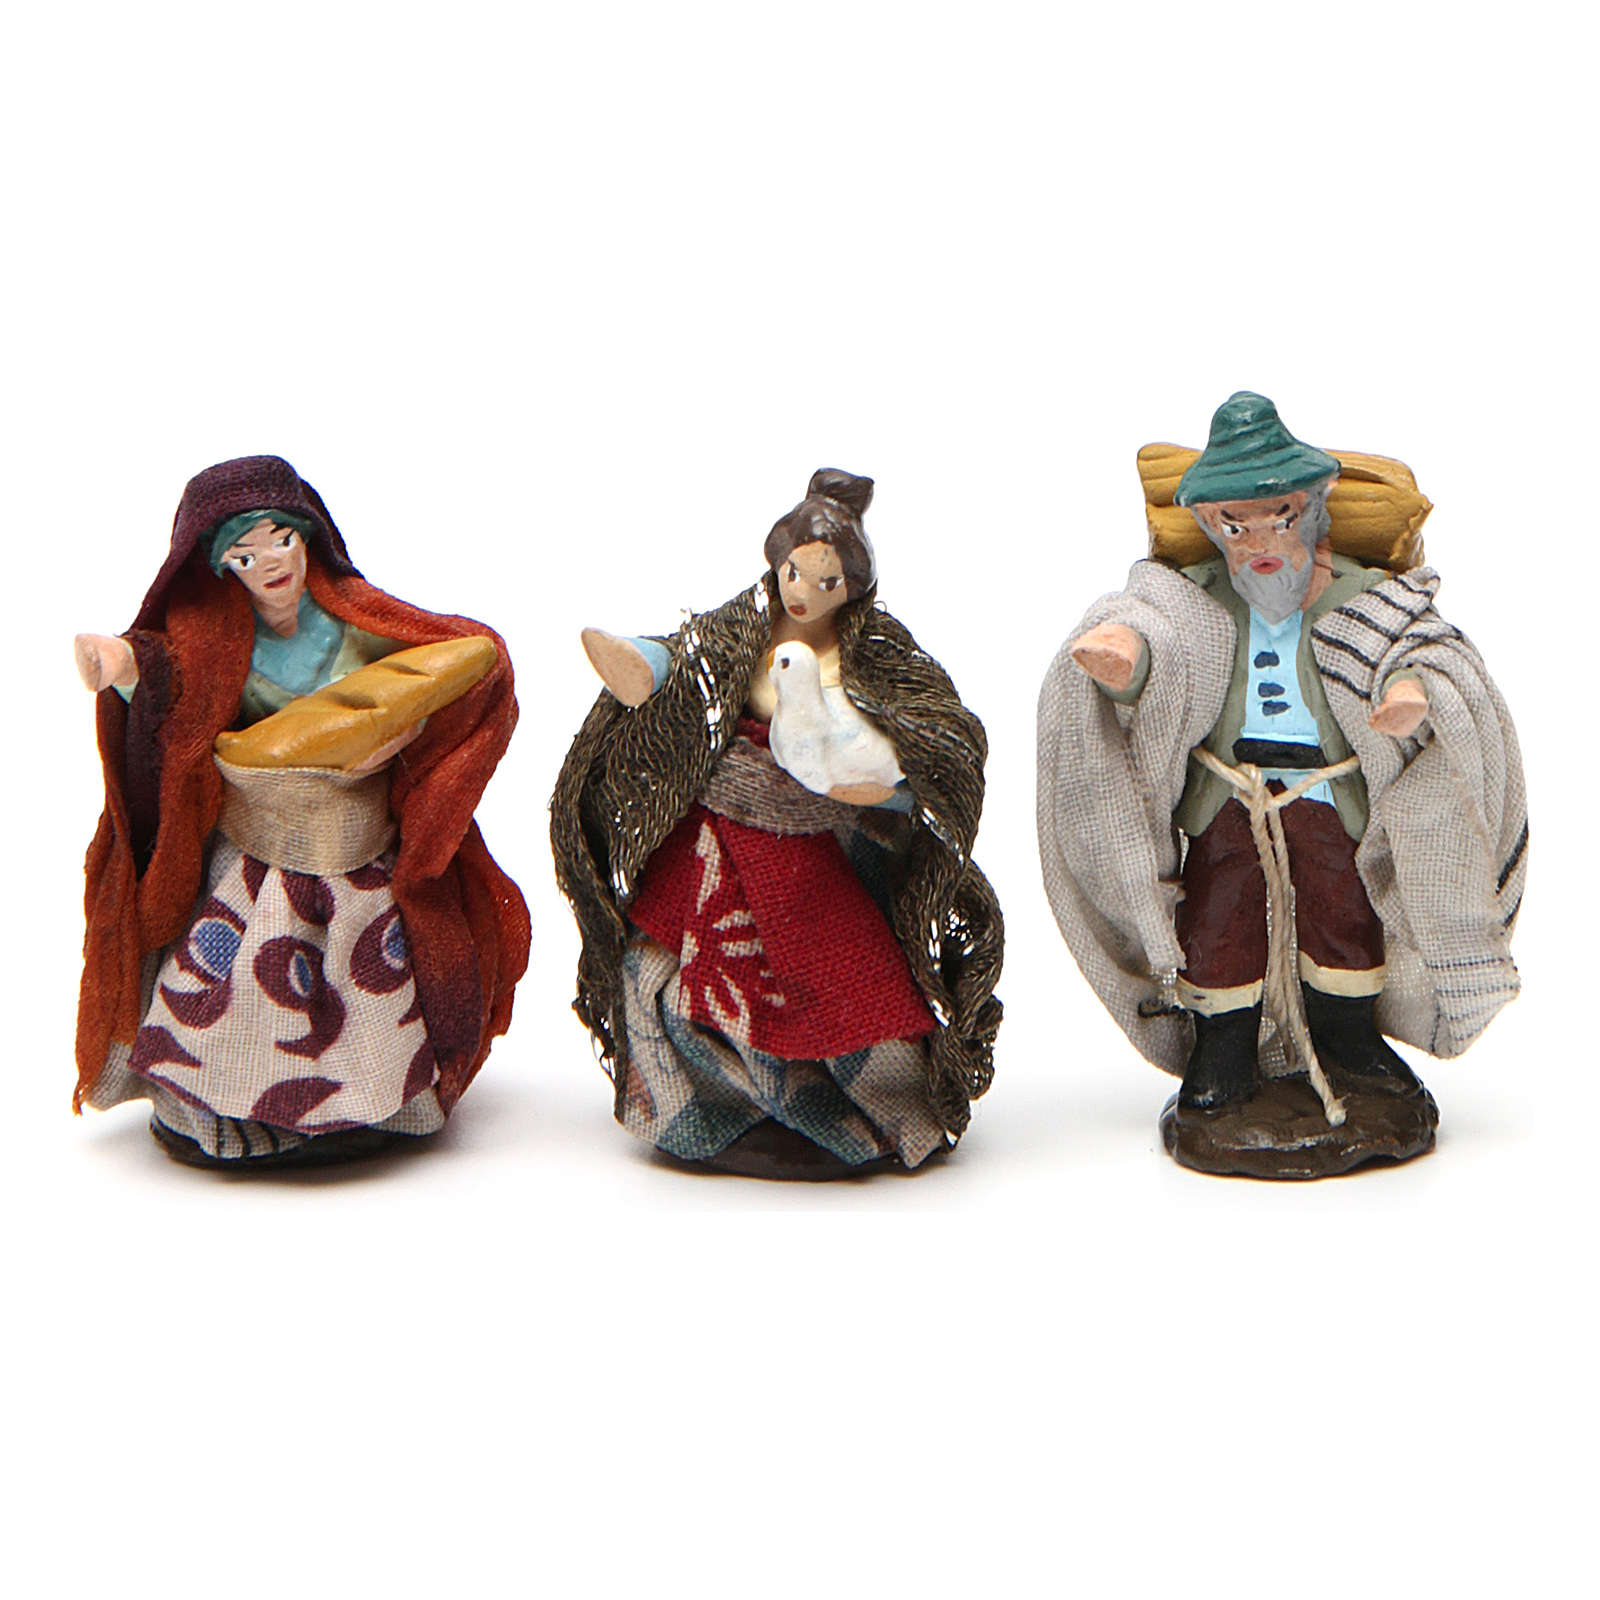 Pastores para belén napolitano de 4 cm de altura media de terracota coloreada 6 piezas 4